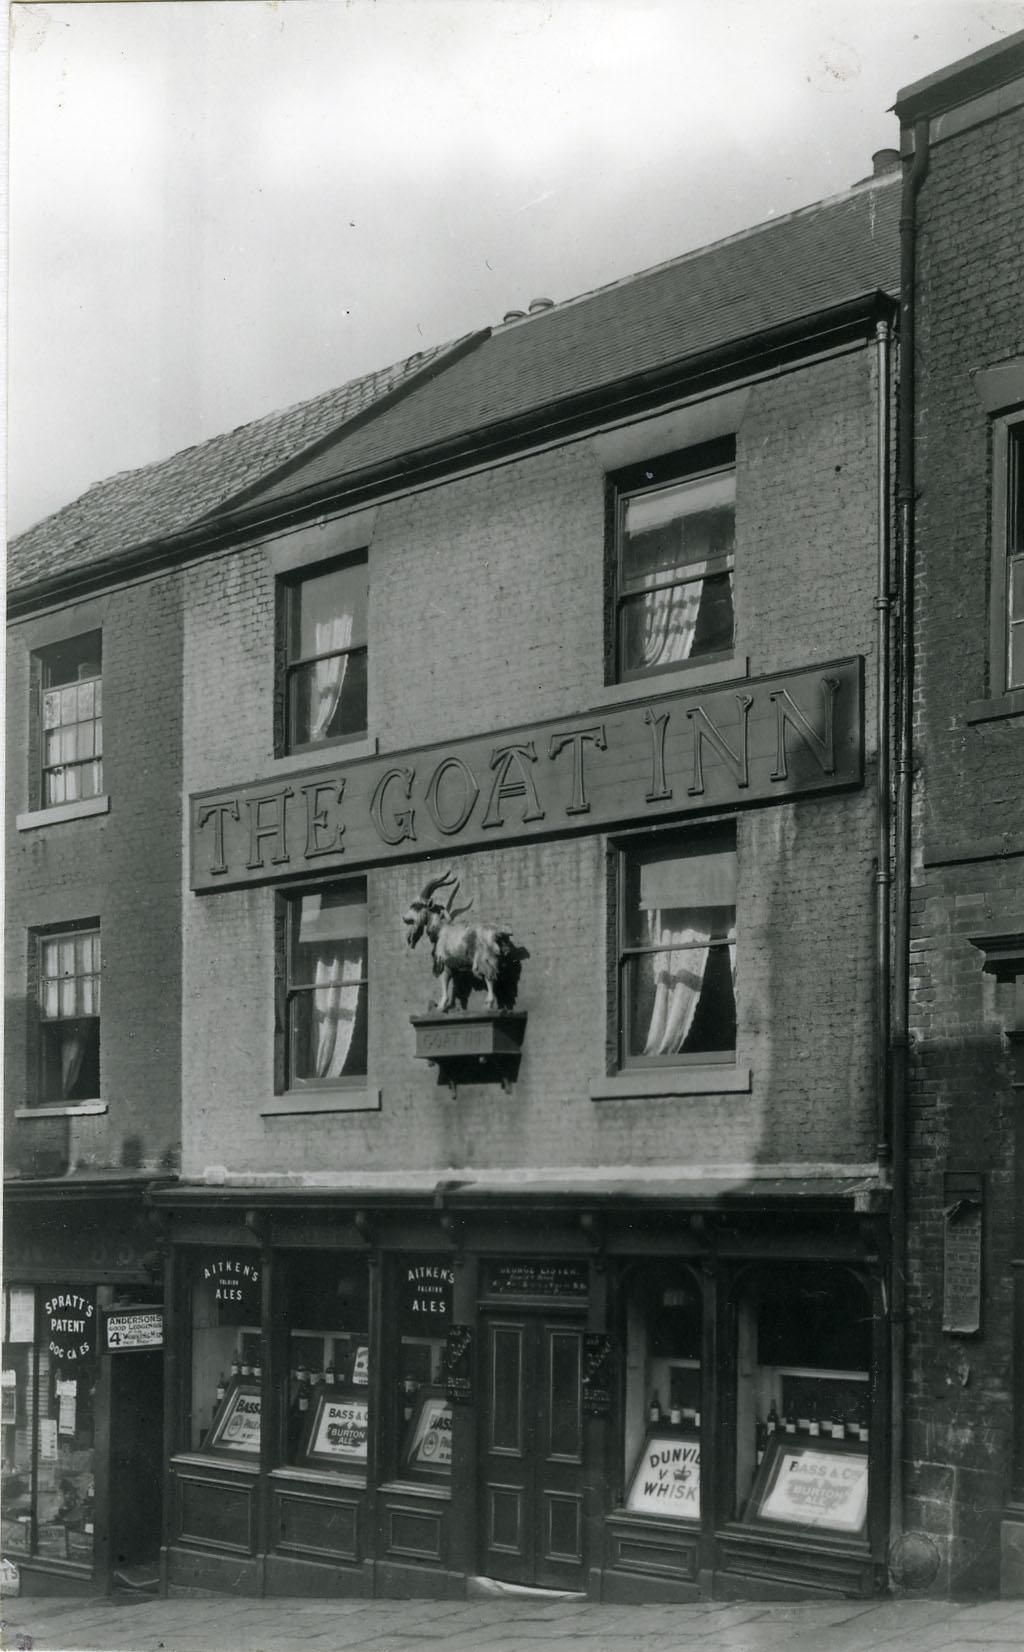 The Goat Inn, Bottle Bank